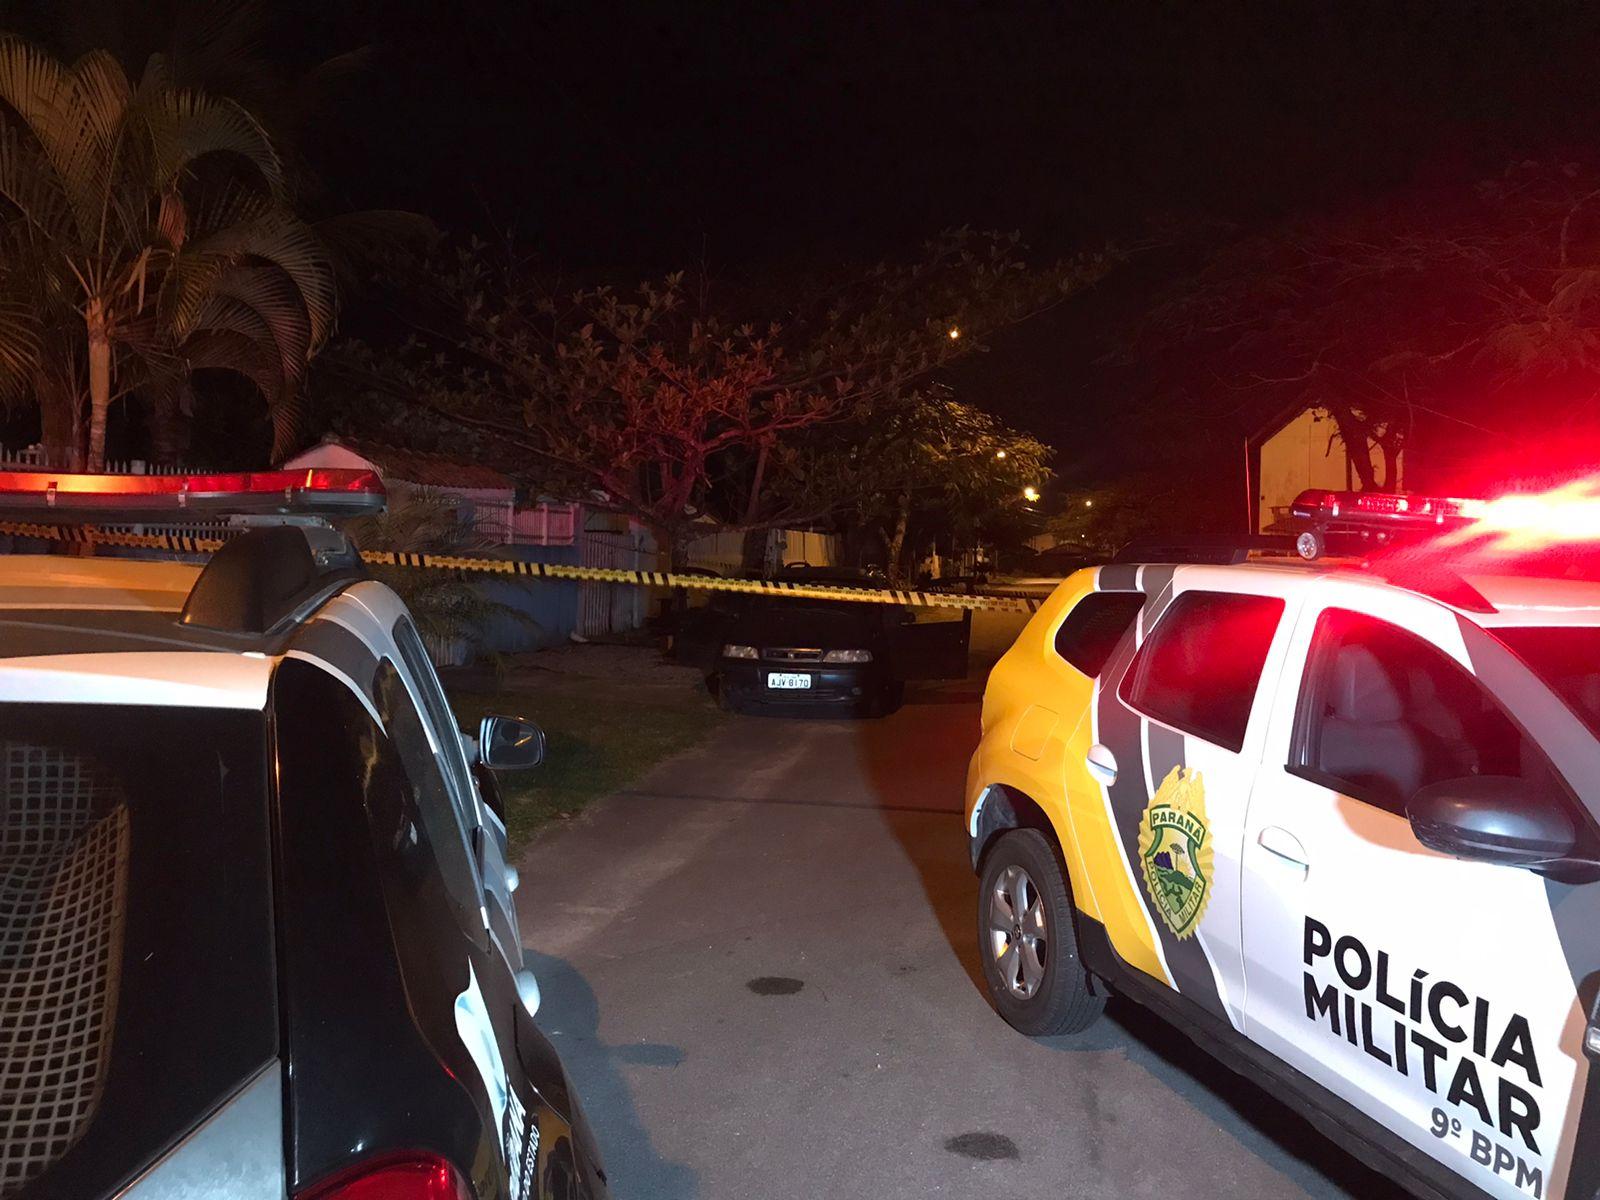 Homicídio em Matinhos: homem cai em possível emboscada e é assassinado a tiros no bairro Bom Retiro